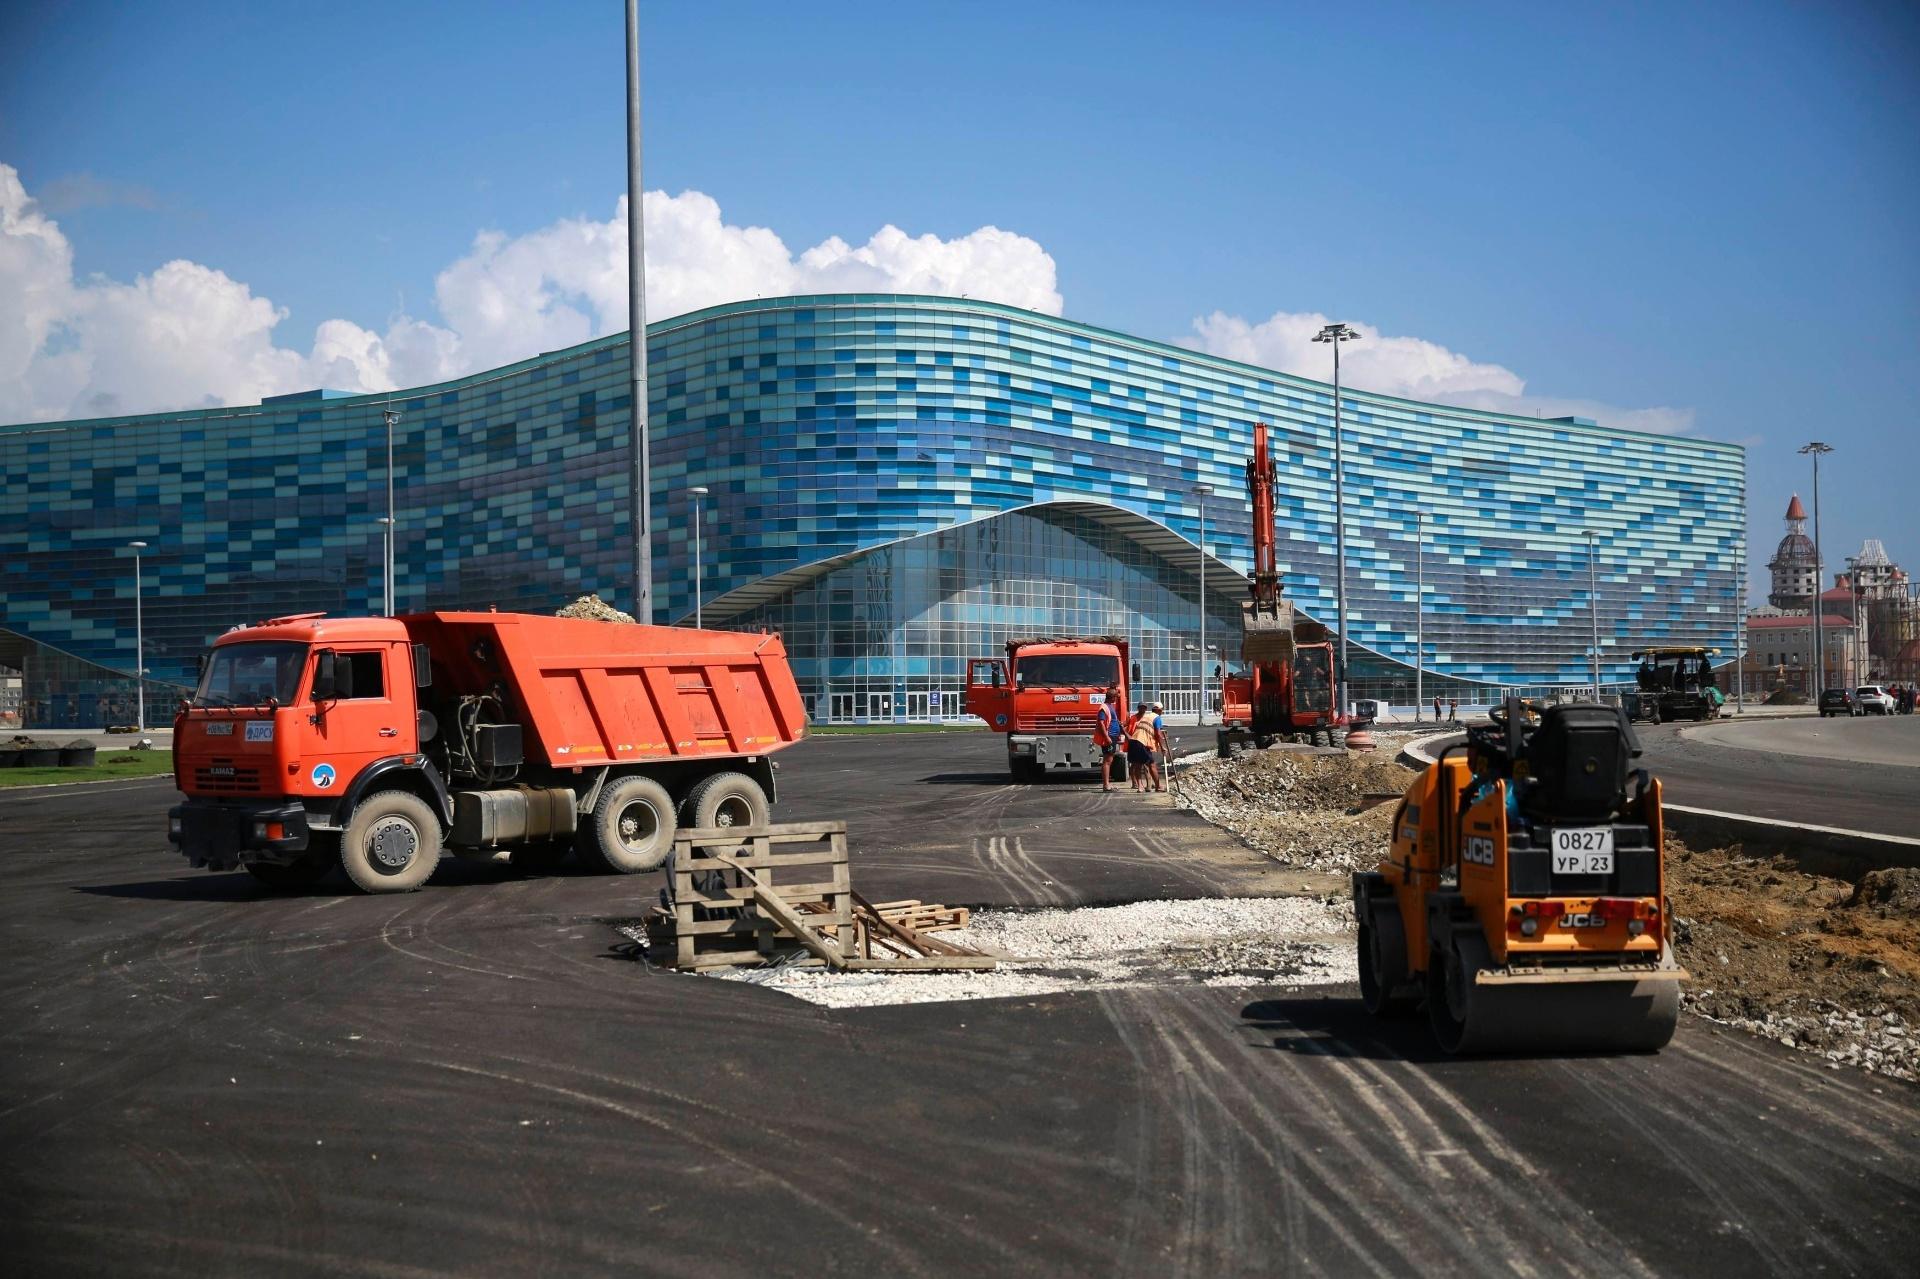 20.ago.2013 - Área externa do Iceberg Skating Palace ainda está em obras para os Jogos de Inverno de Sochi. A arena receberá as competições de patinação artística e patinação de velocidade na Olimpíada, em fevereiro